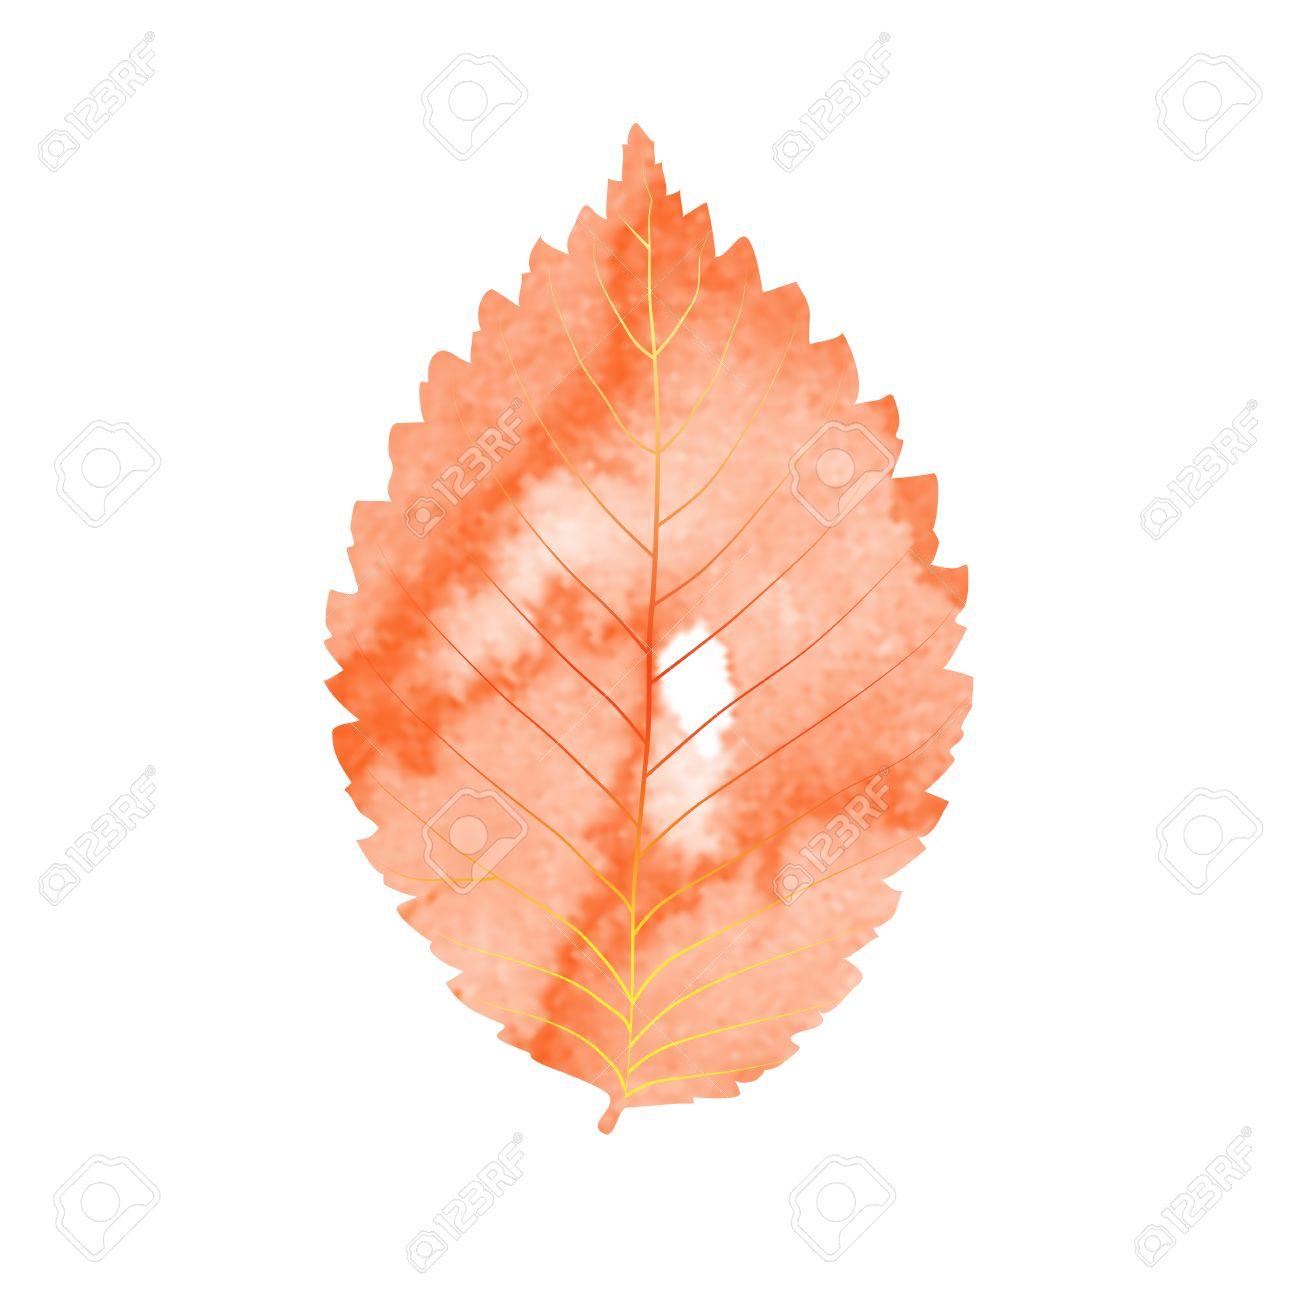 Aquarell Herbstblatt Vektor Gelbe Blatter Im Herbst Auf Weissem